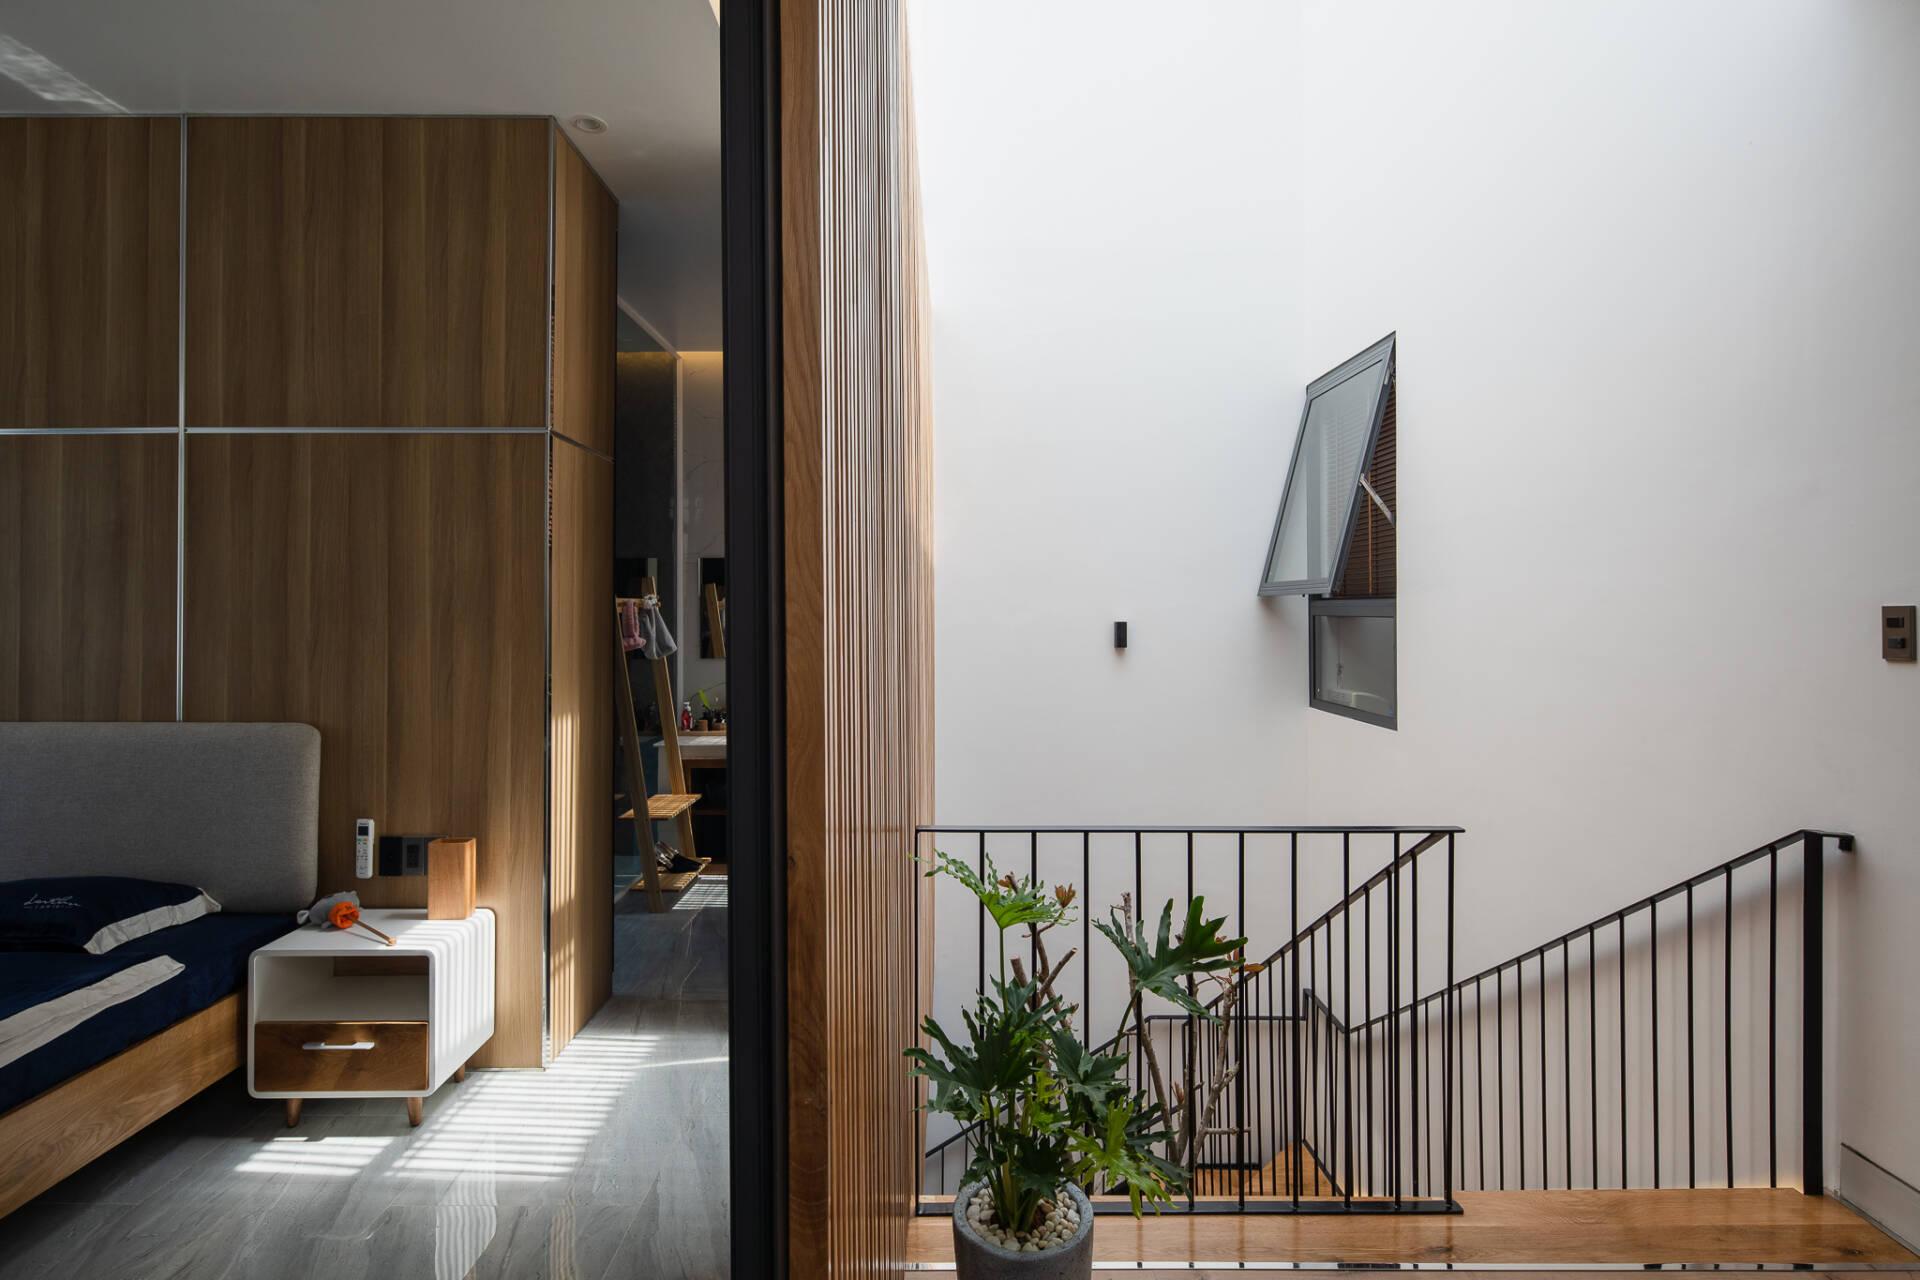 Nhờ việc mạnh dạn thay đổi thiết kế cũ, các phòng ngủ mới đều có hướng nhìn ngập tràn ánh sáng và đón nhận được luồng khí mát mẻ